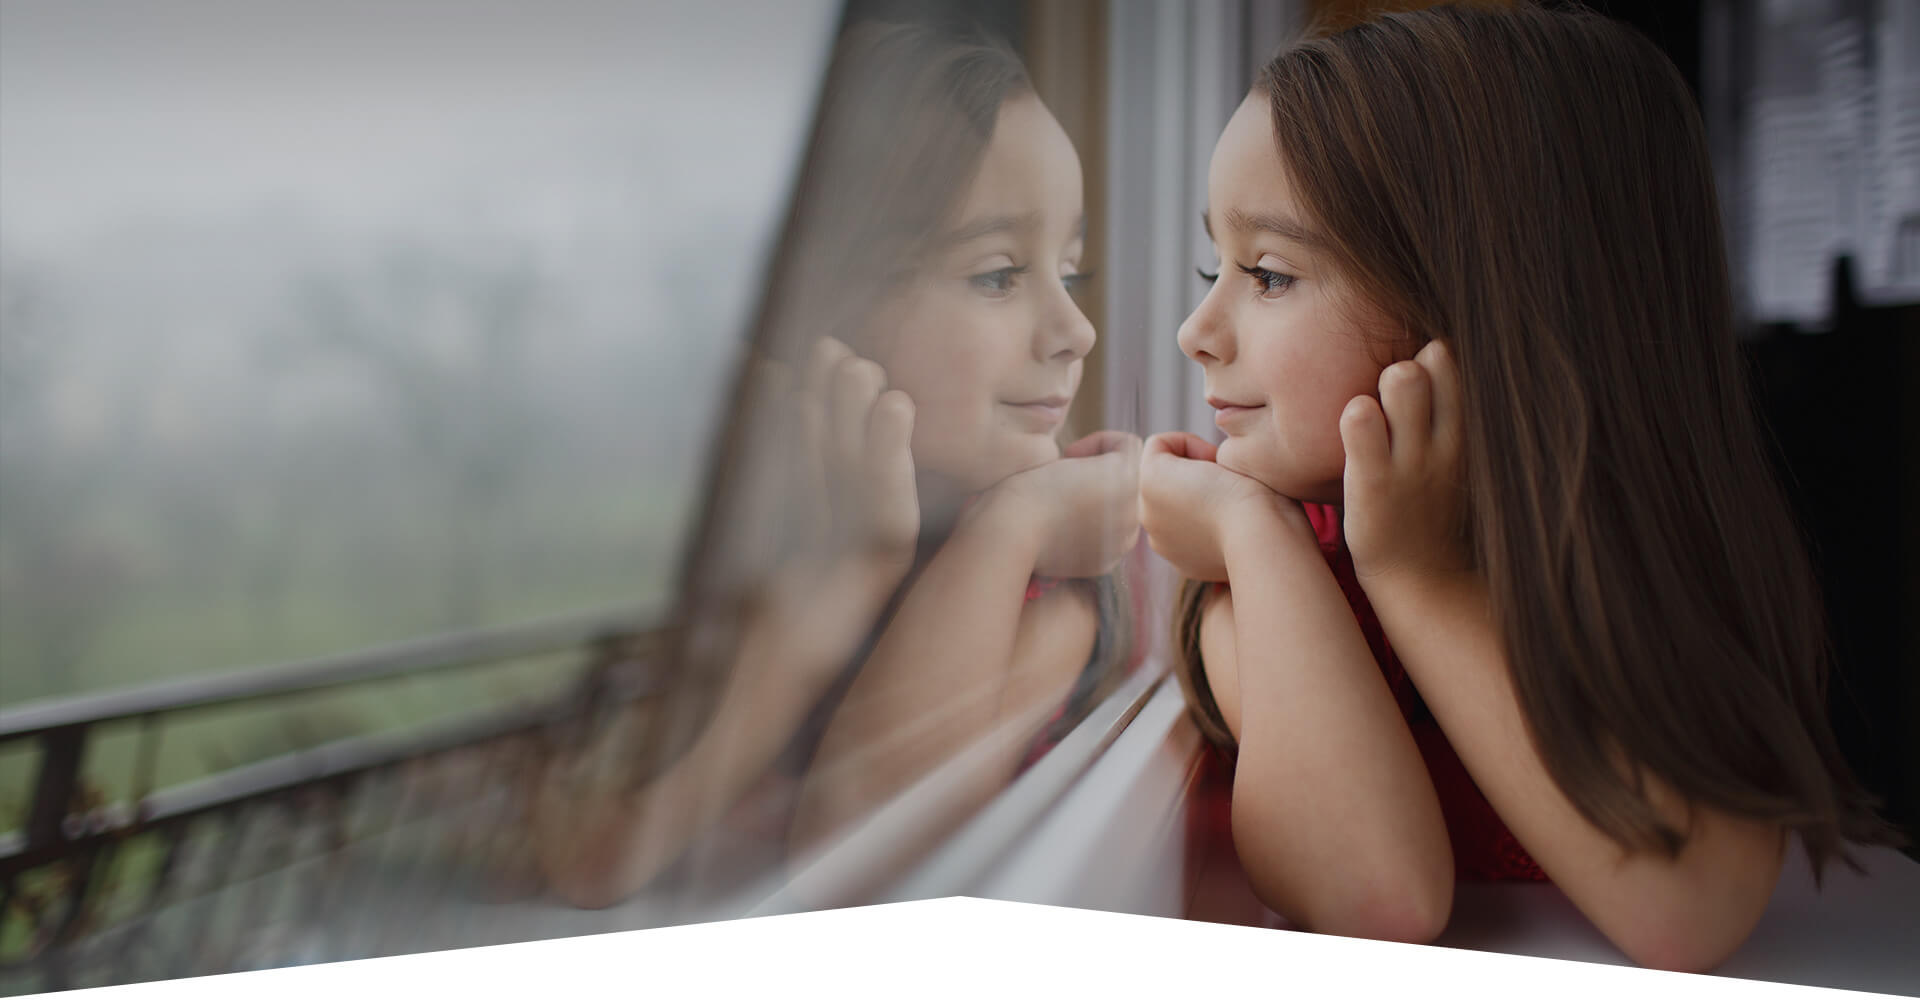 Photo d'atmosphère montrant une enfant regardant par la fenêtre, ainsi que son reflet